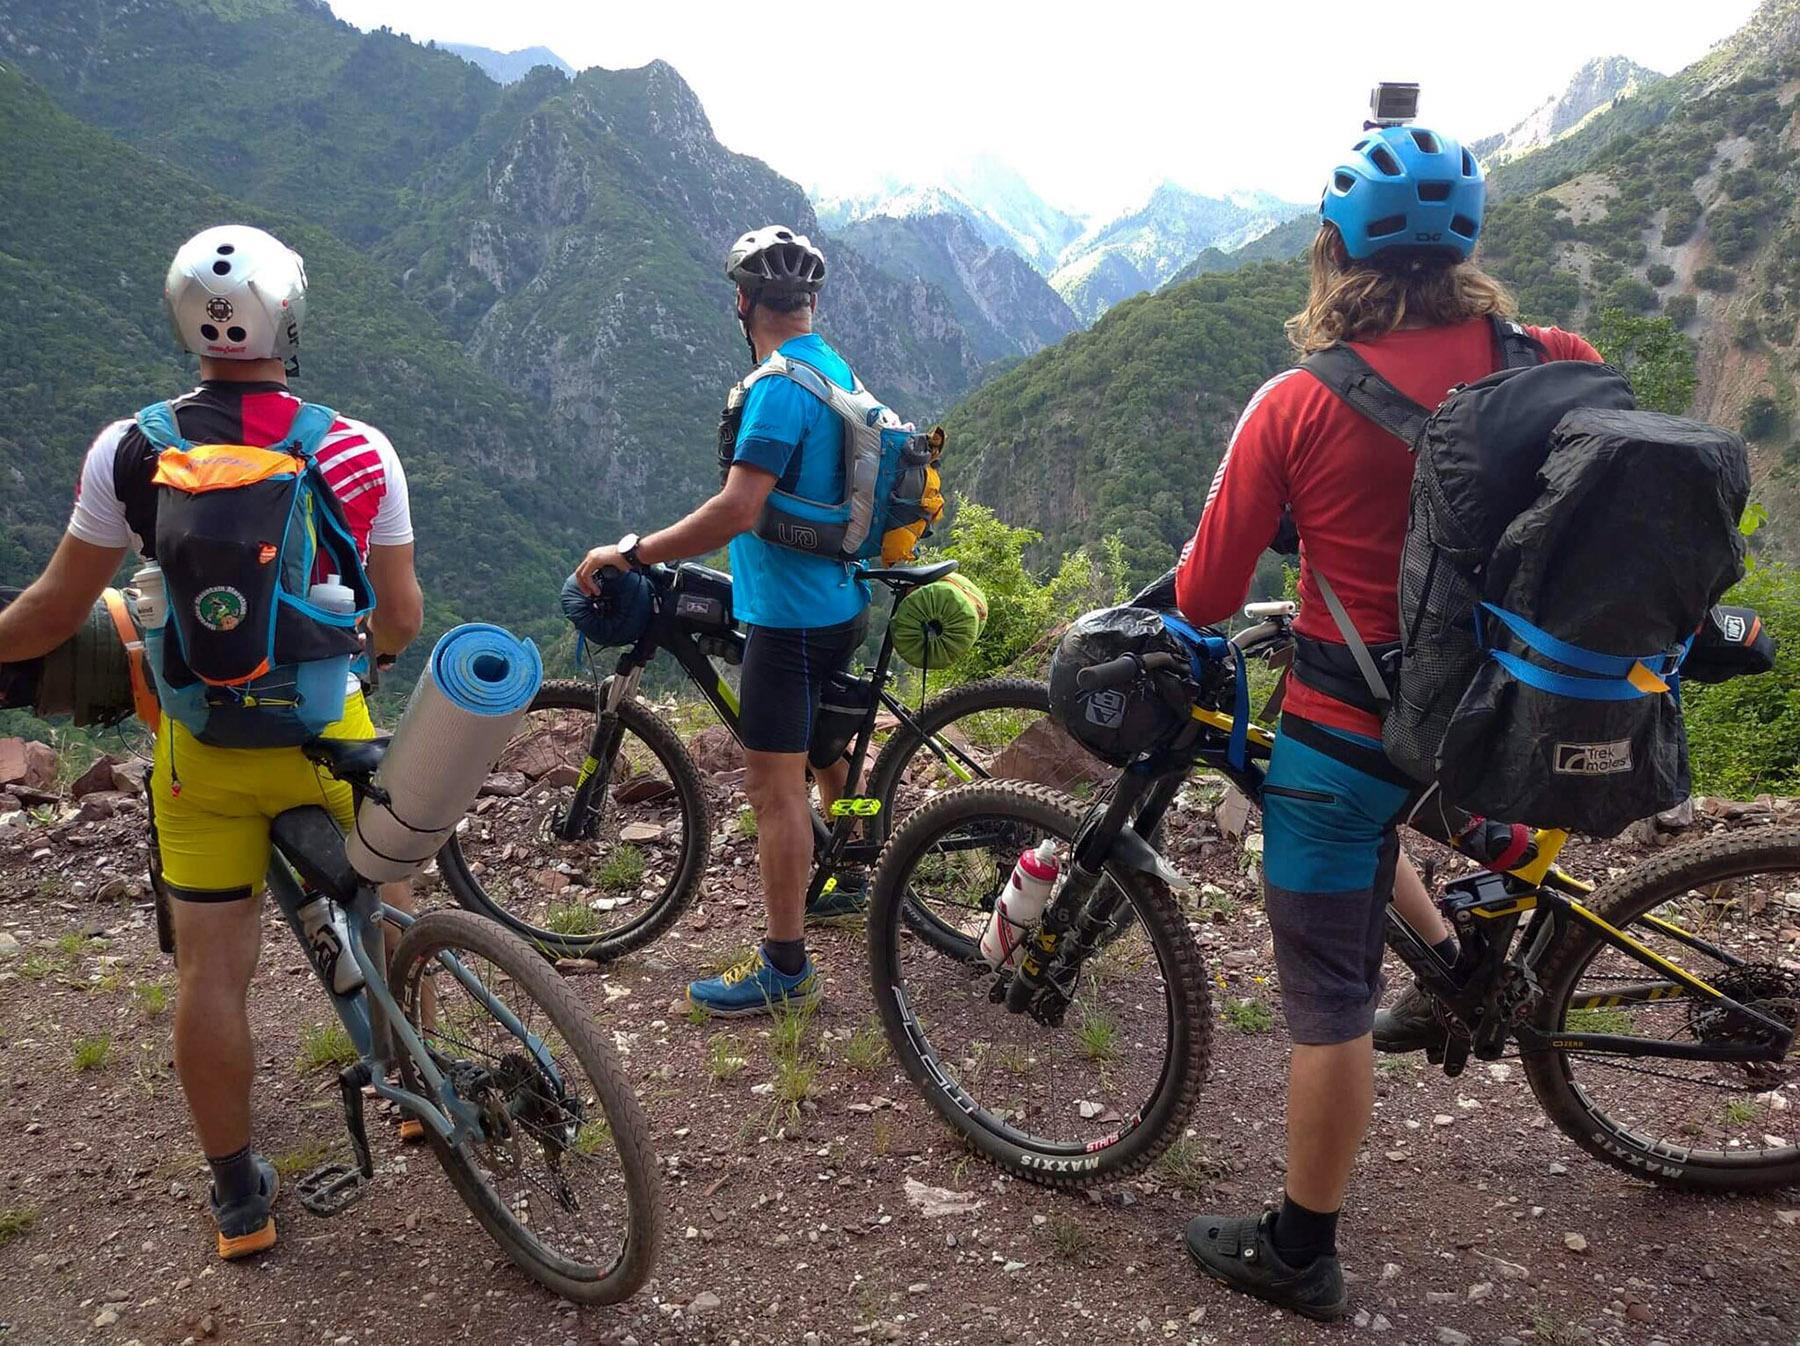 «Η γη δεν ανήκει σε κανέναν»: Τέσσερις φίλοι, μία μαγική ποδηλατική βόλτα